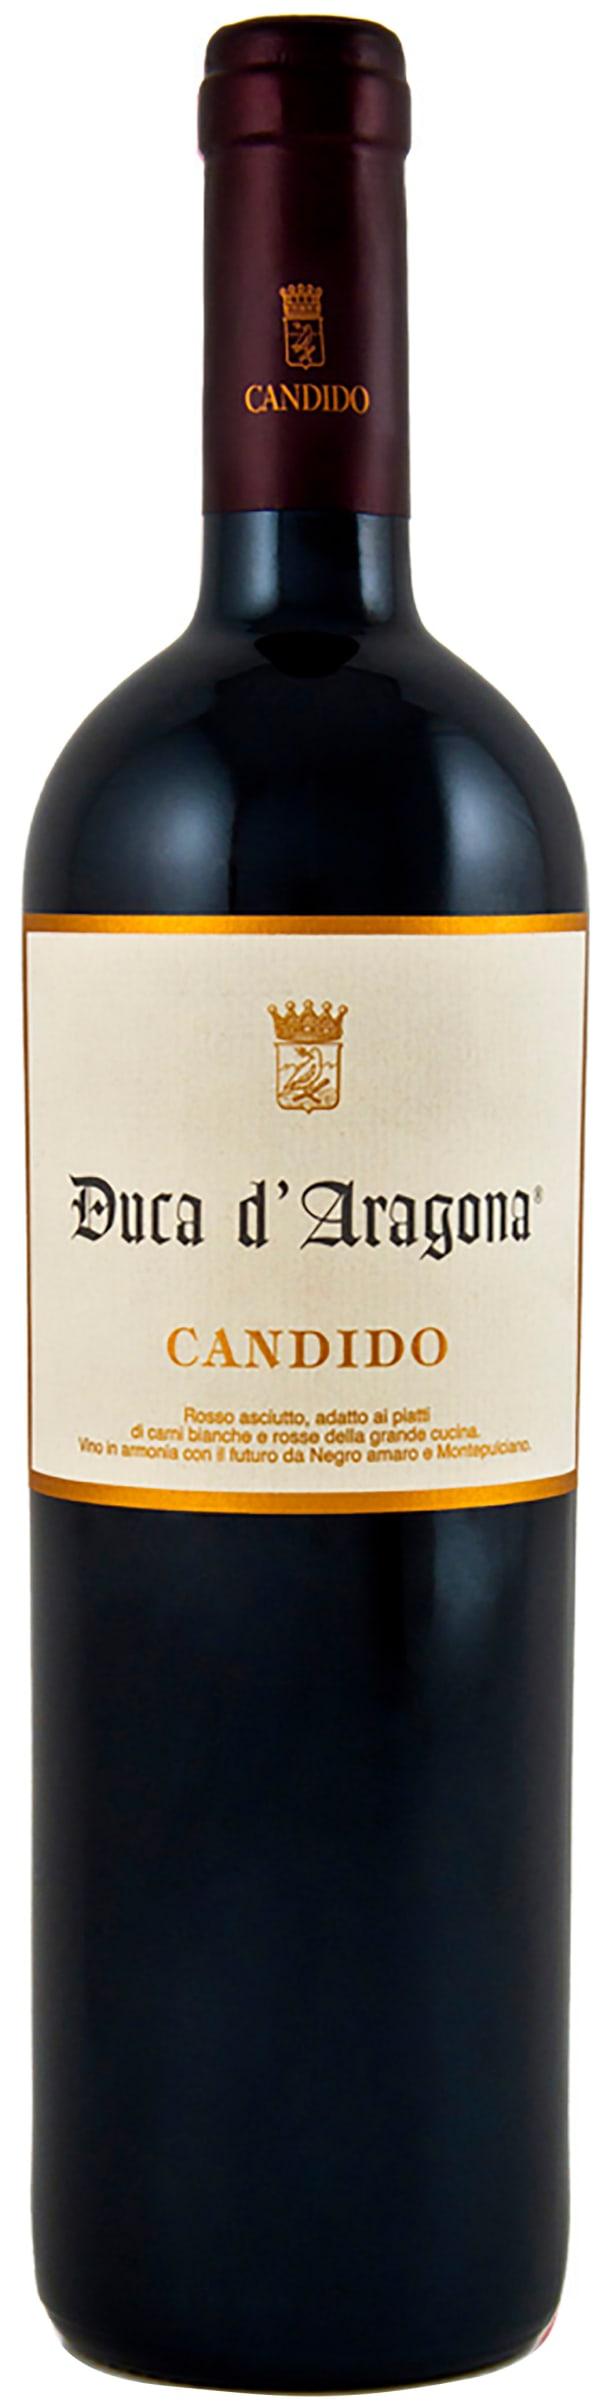 Candido Duca d'Aragona 2000